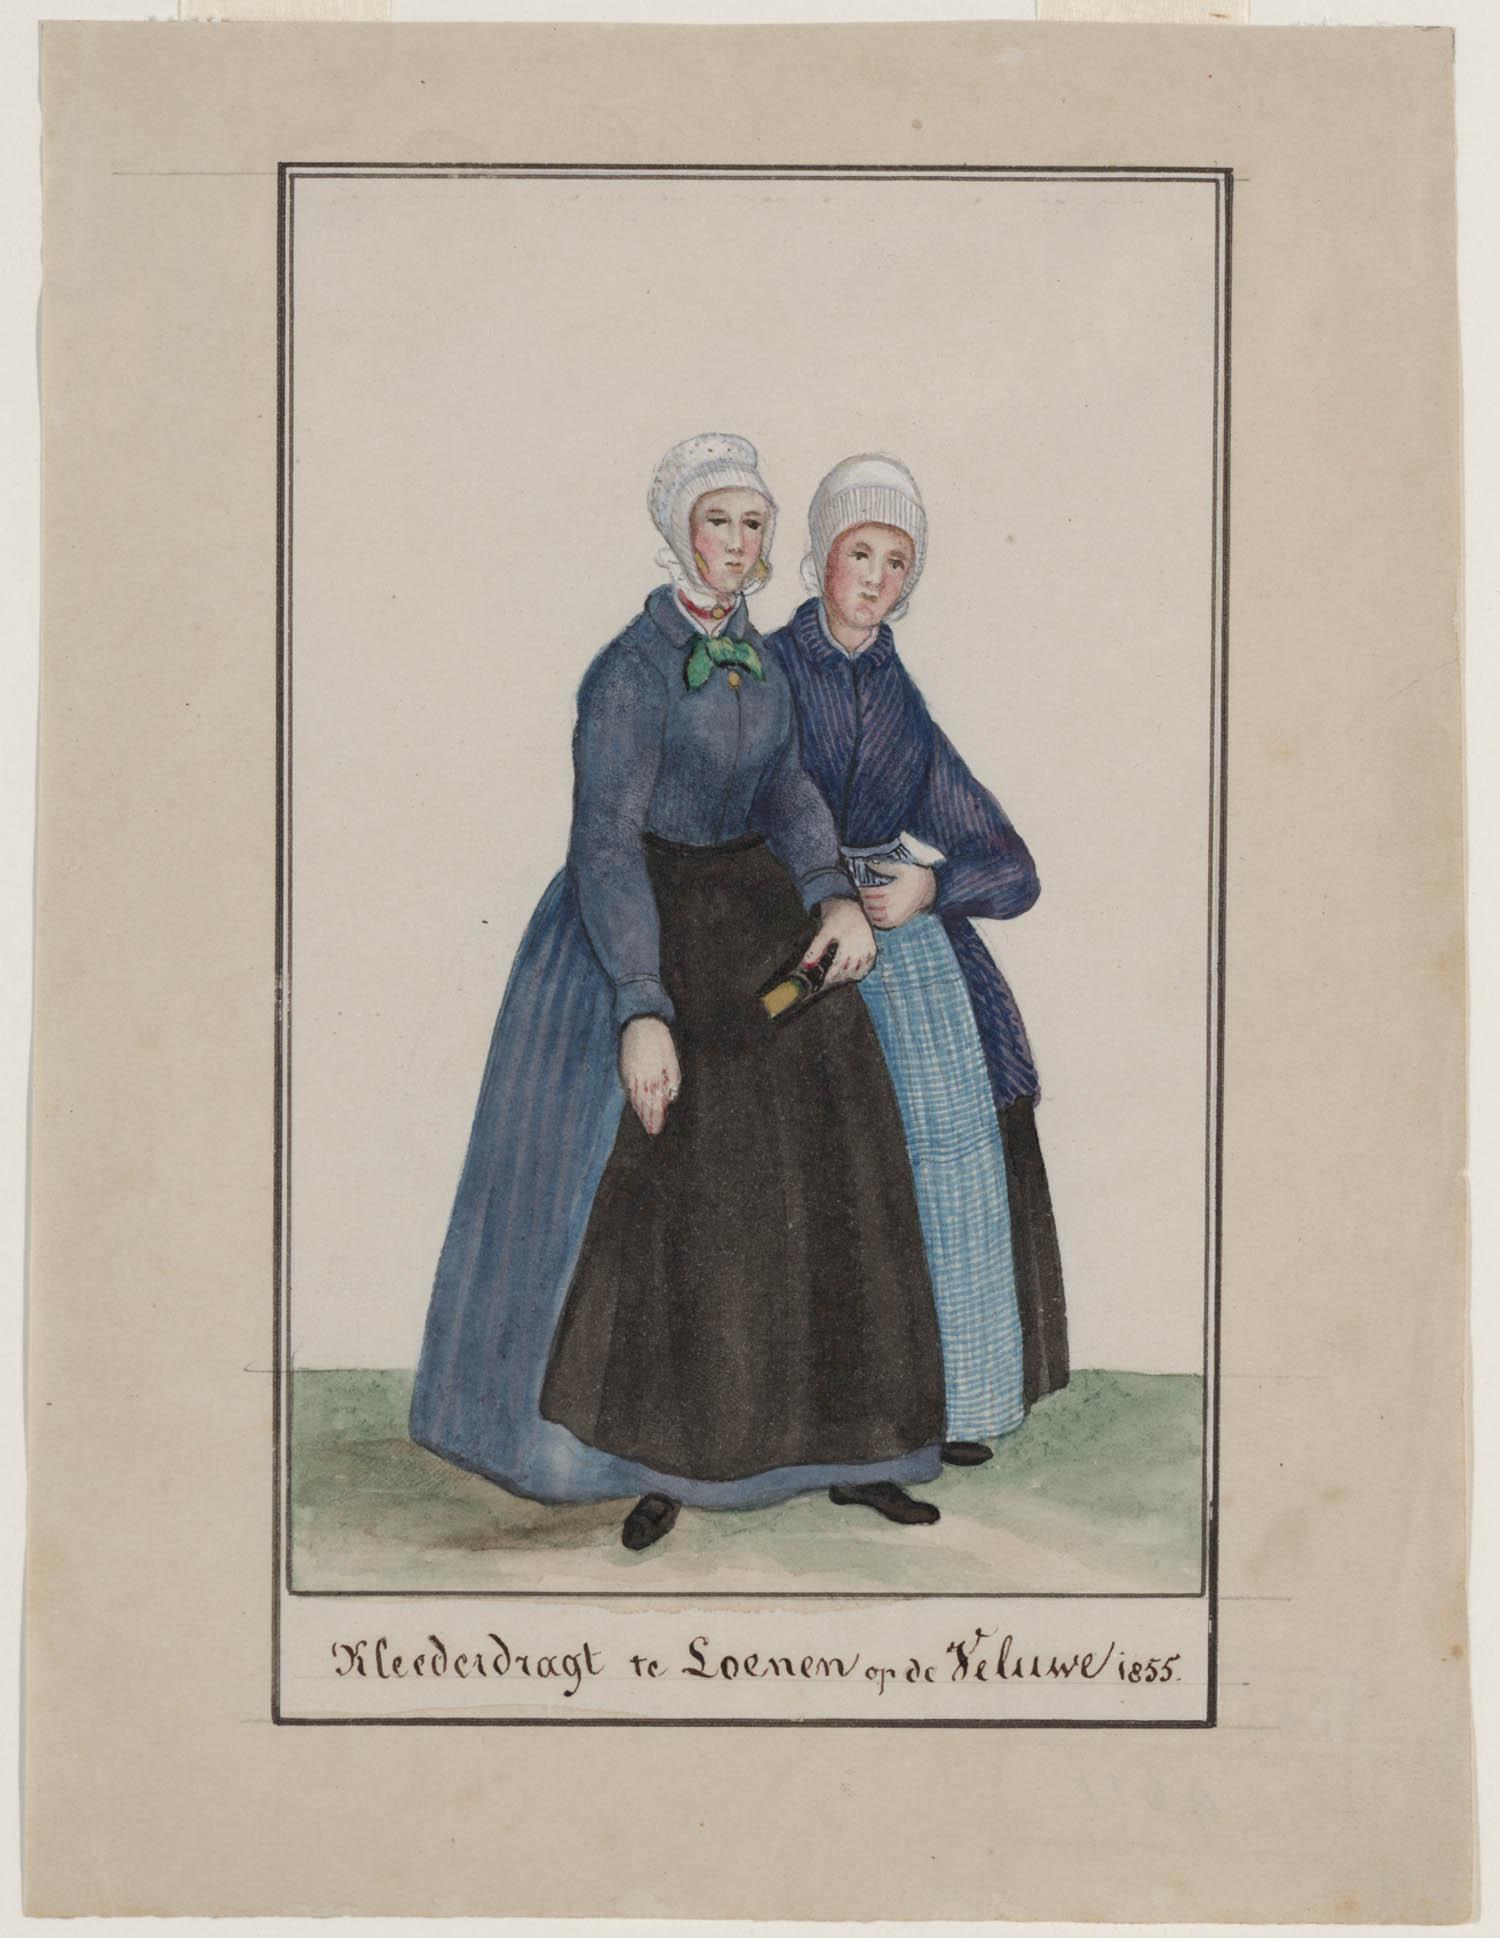 Kleederdracht te loenen op de veluwe 1855 geheugen van nederland - Klein kamermeisje ...